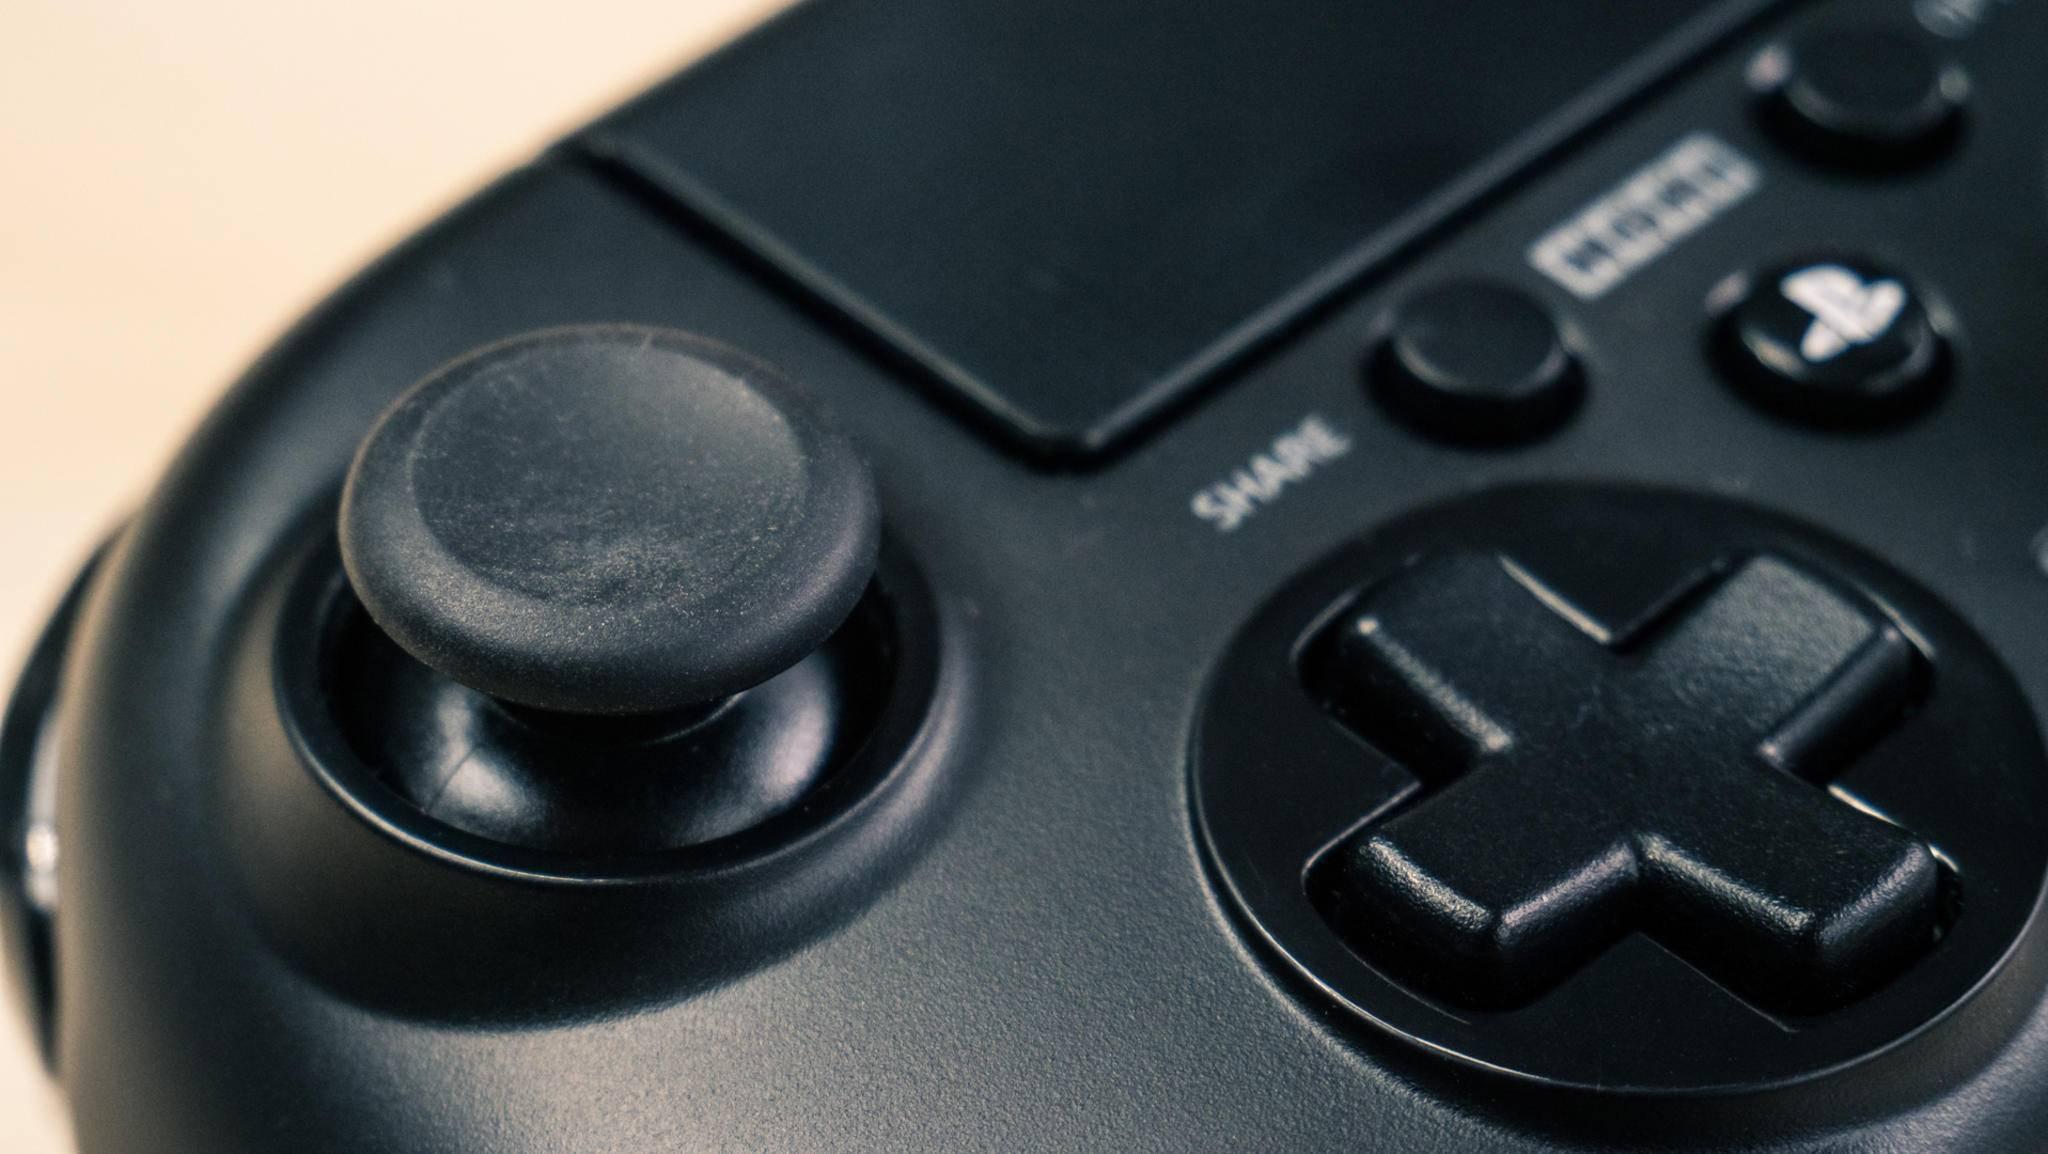 Der linke Analog-Stick sitzt, wie beim Xbox-Controller, weiter oben.